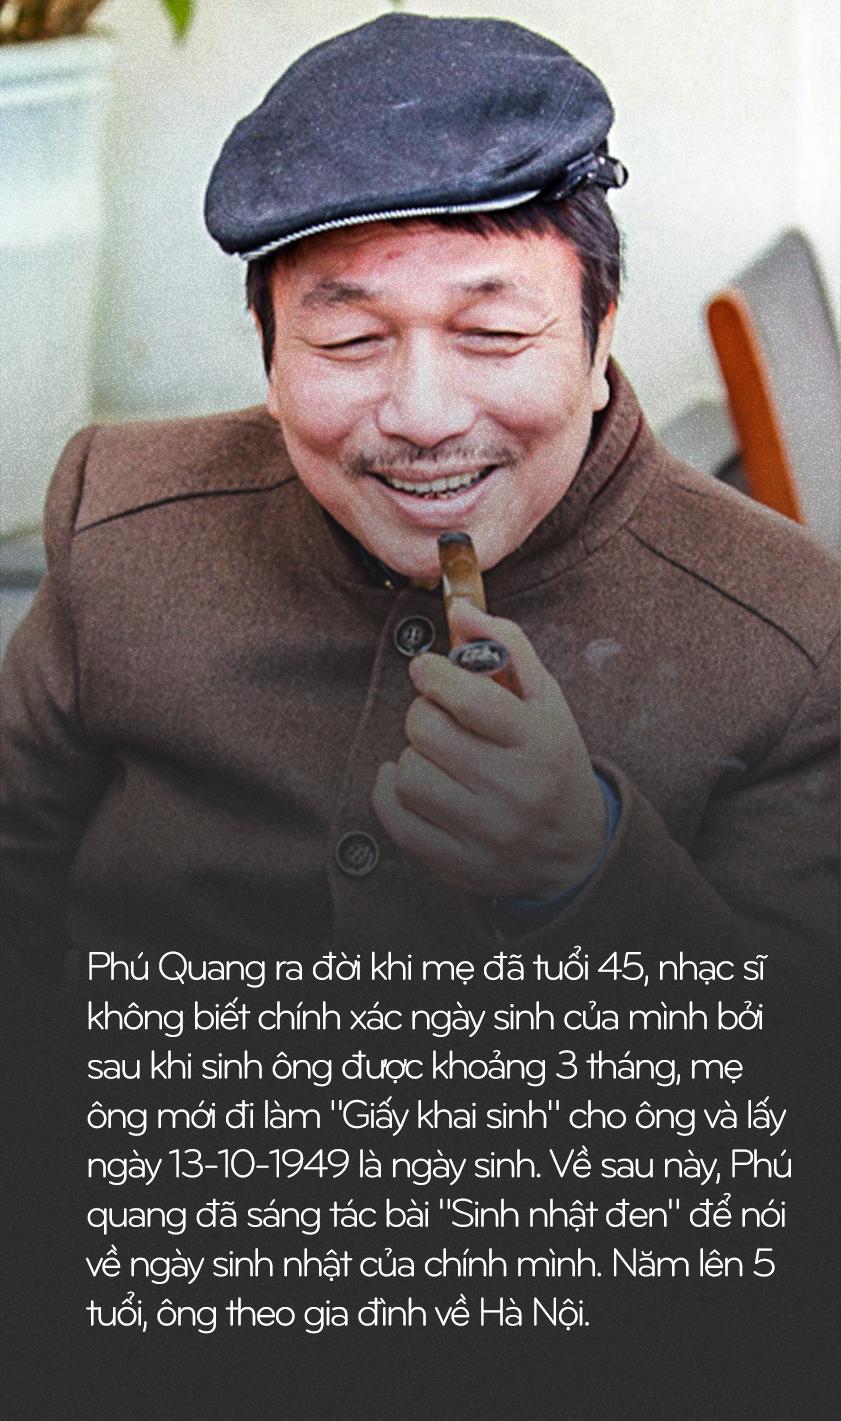 [eMagazine] Nhạc sĩ Phú Quang - Thổ dân của Hà Nội - Ảnh 1.